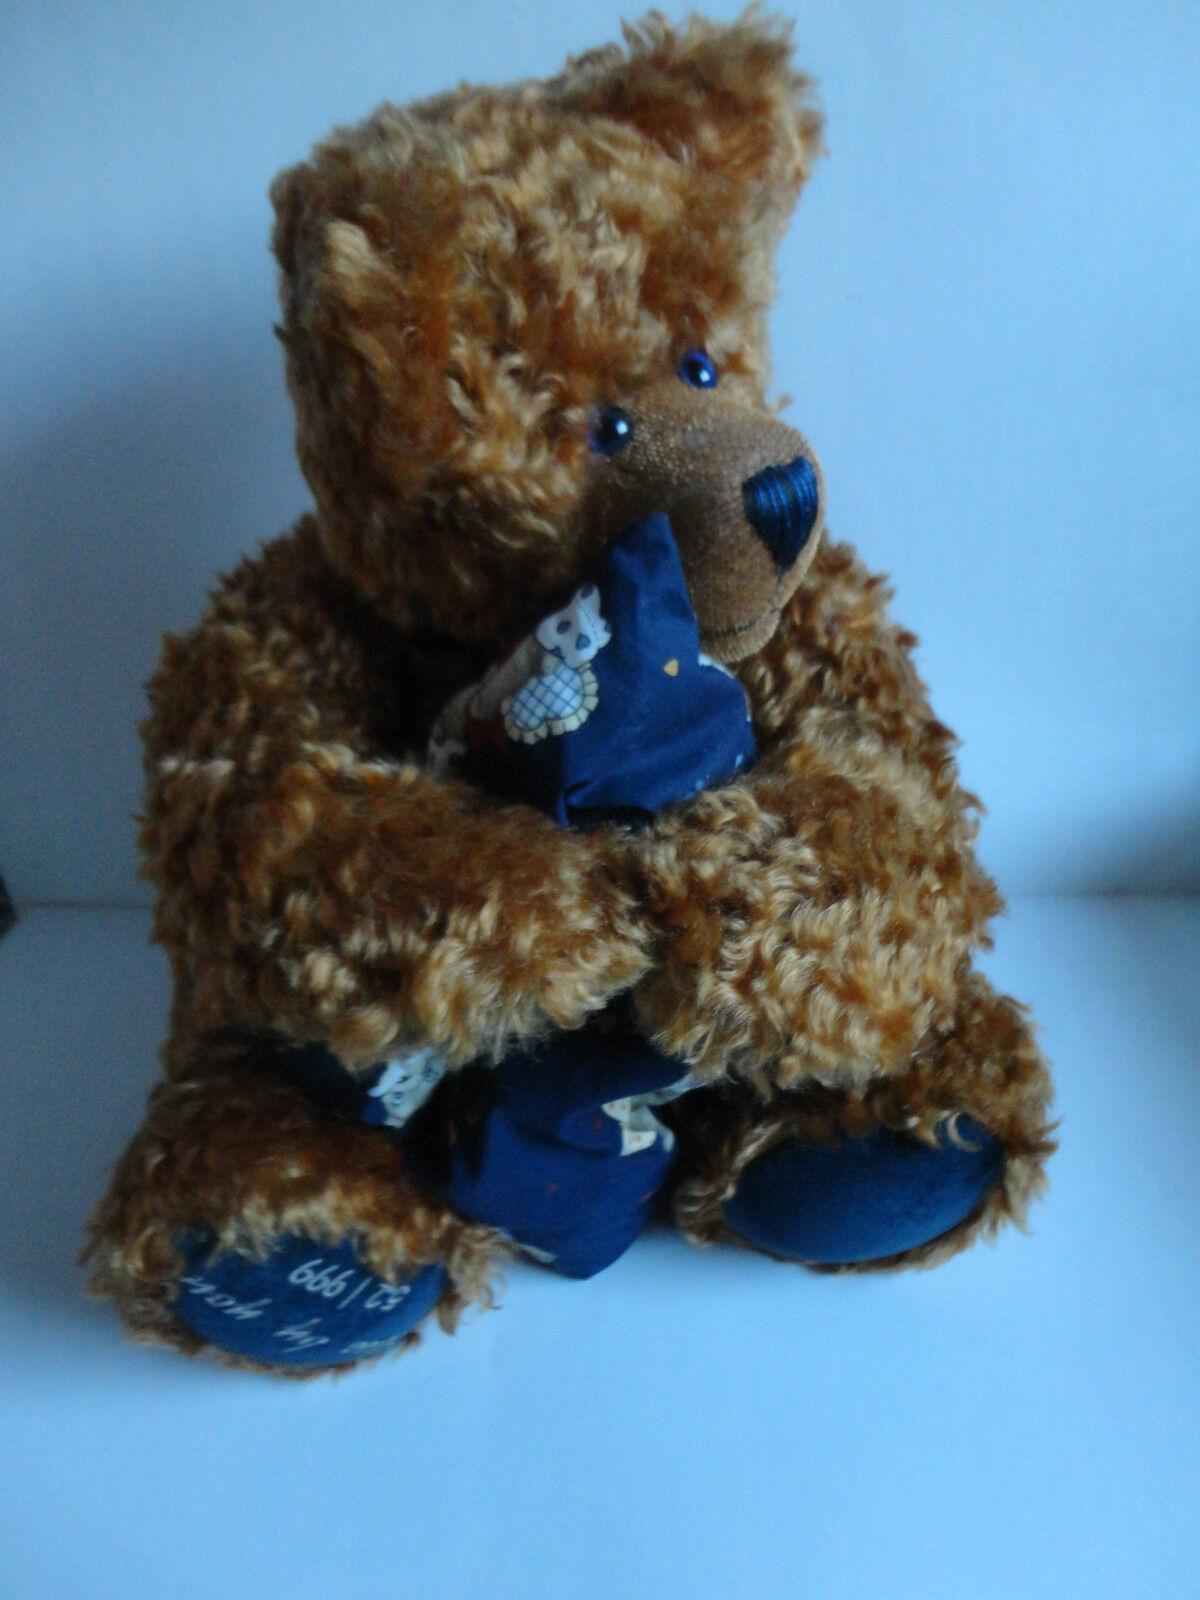 Emmy Orso Teddy  blu by You  N. 52/999 stata limitata senza certificato